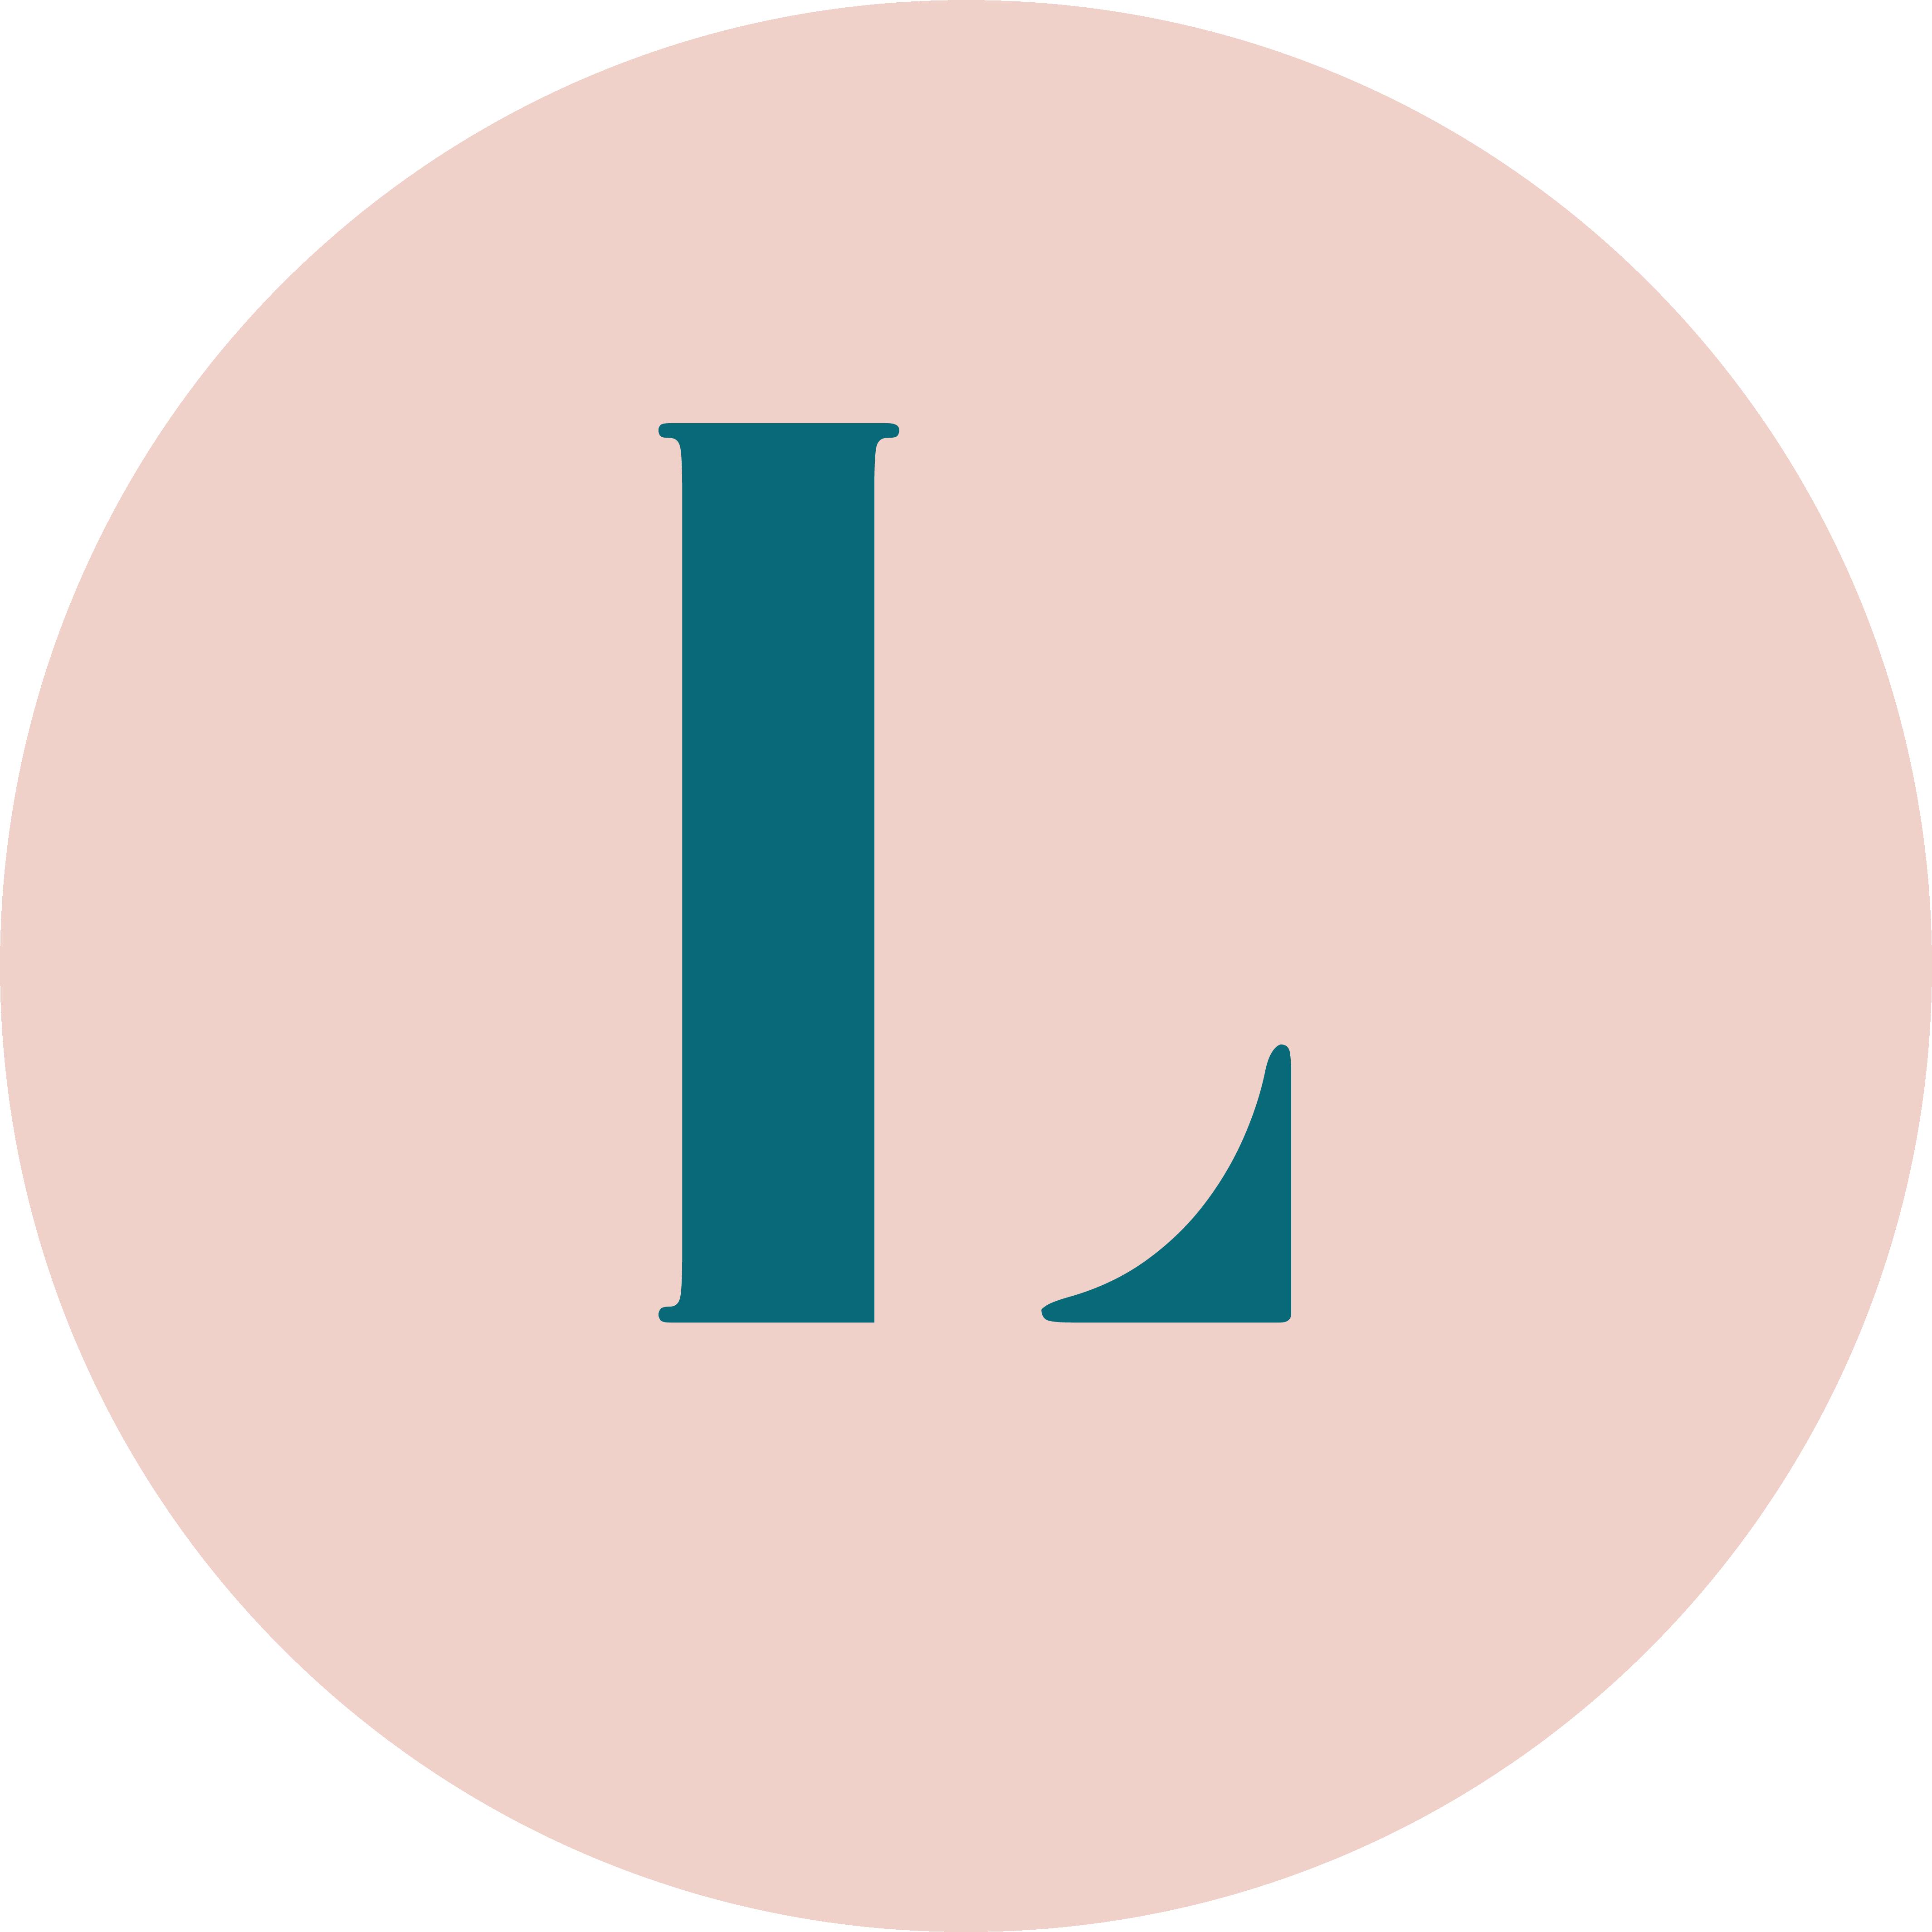 LIZ - Communicatie & Design